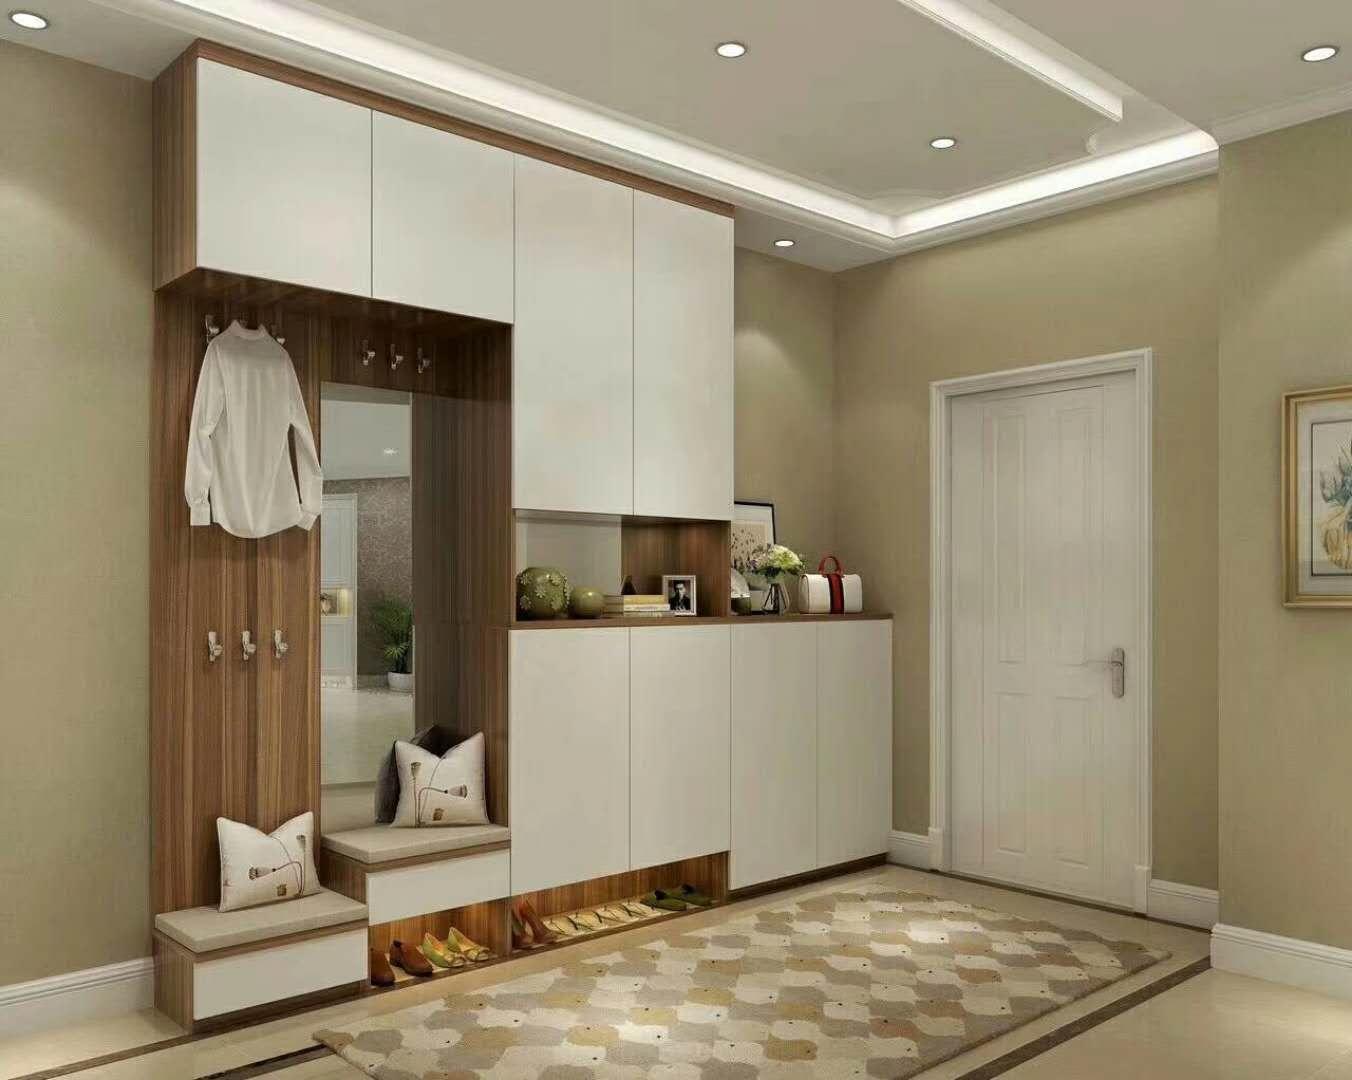 高效的板式整屋定制-广东哪家板式家具定制厂家好